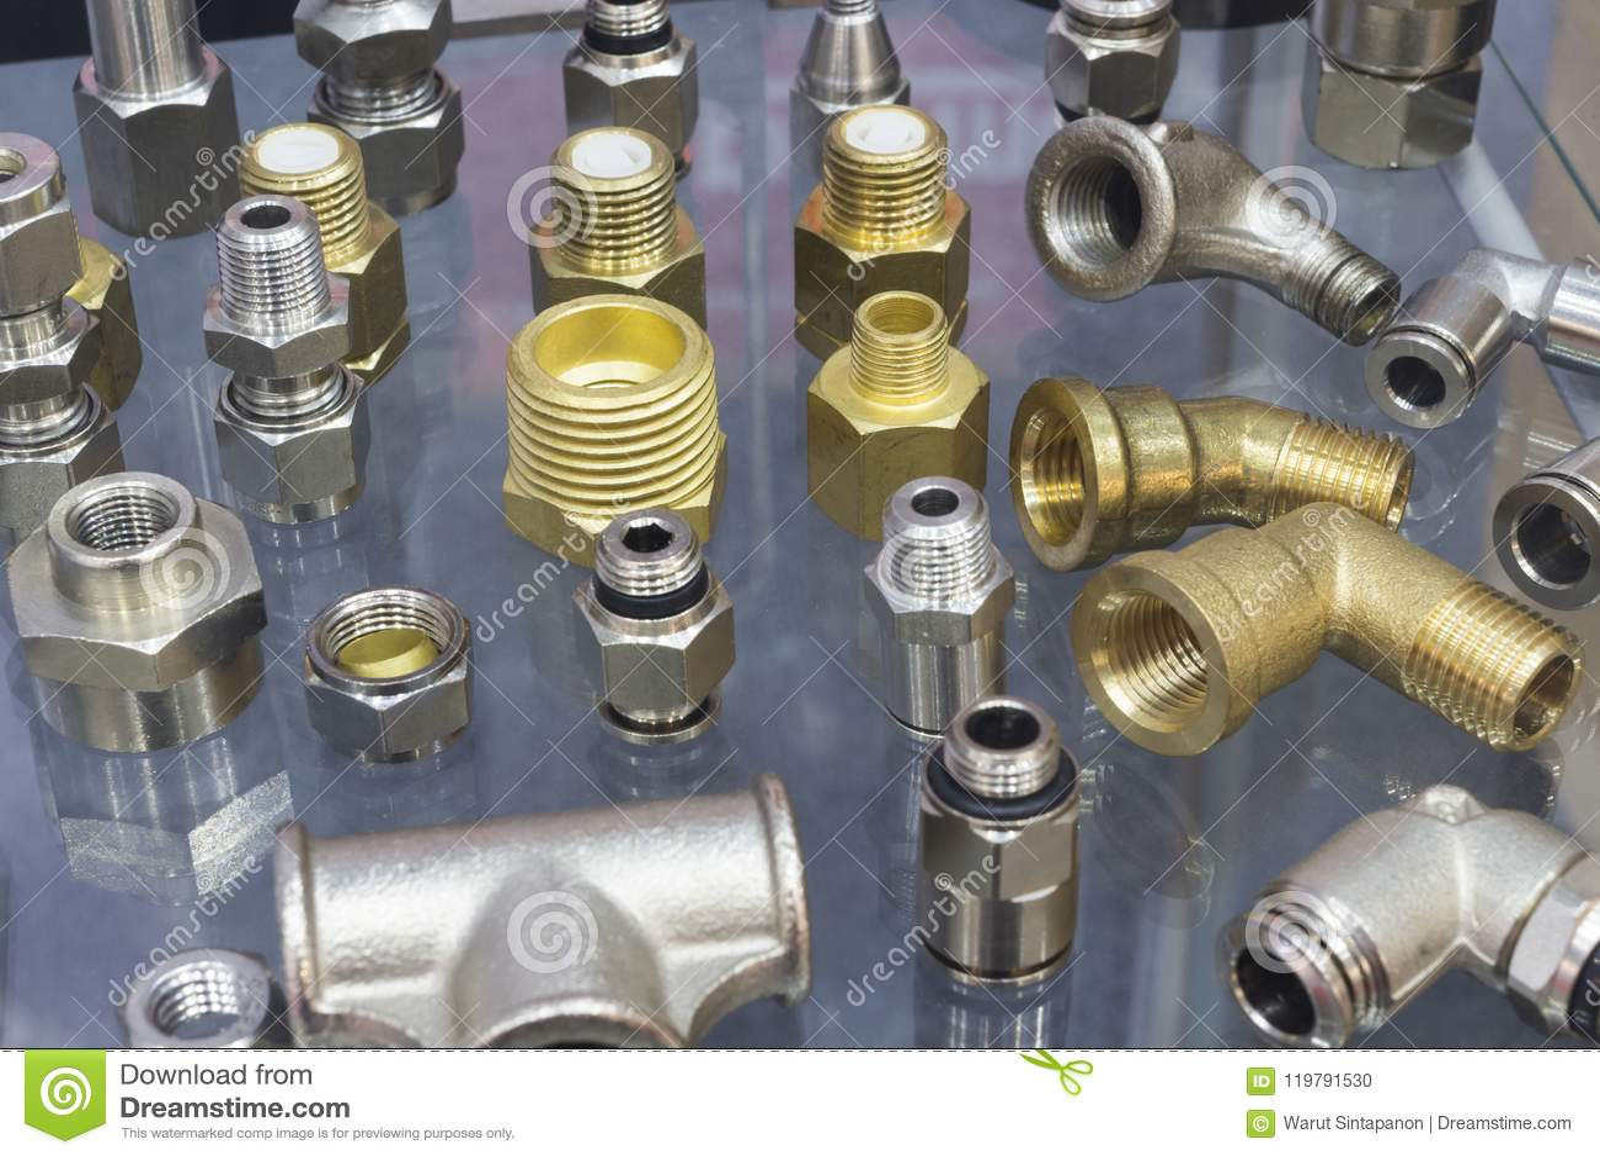 Garnitures d acier inoxydable pour des tuyaux